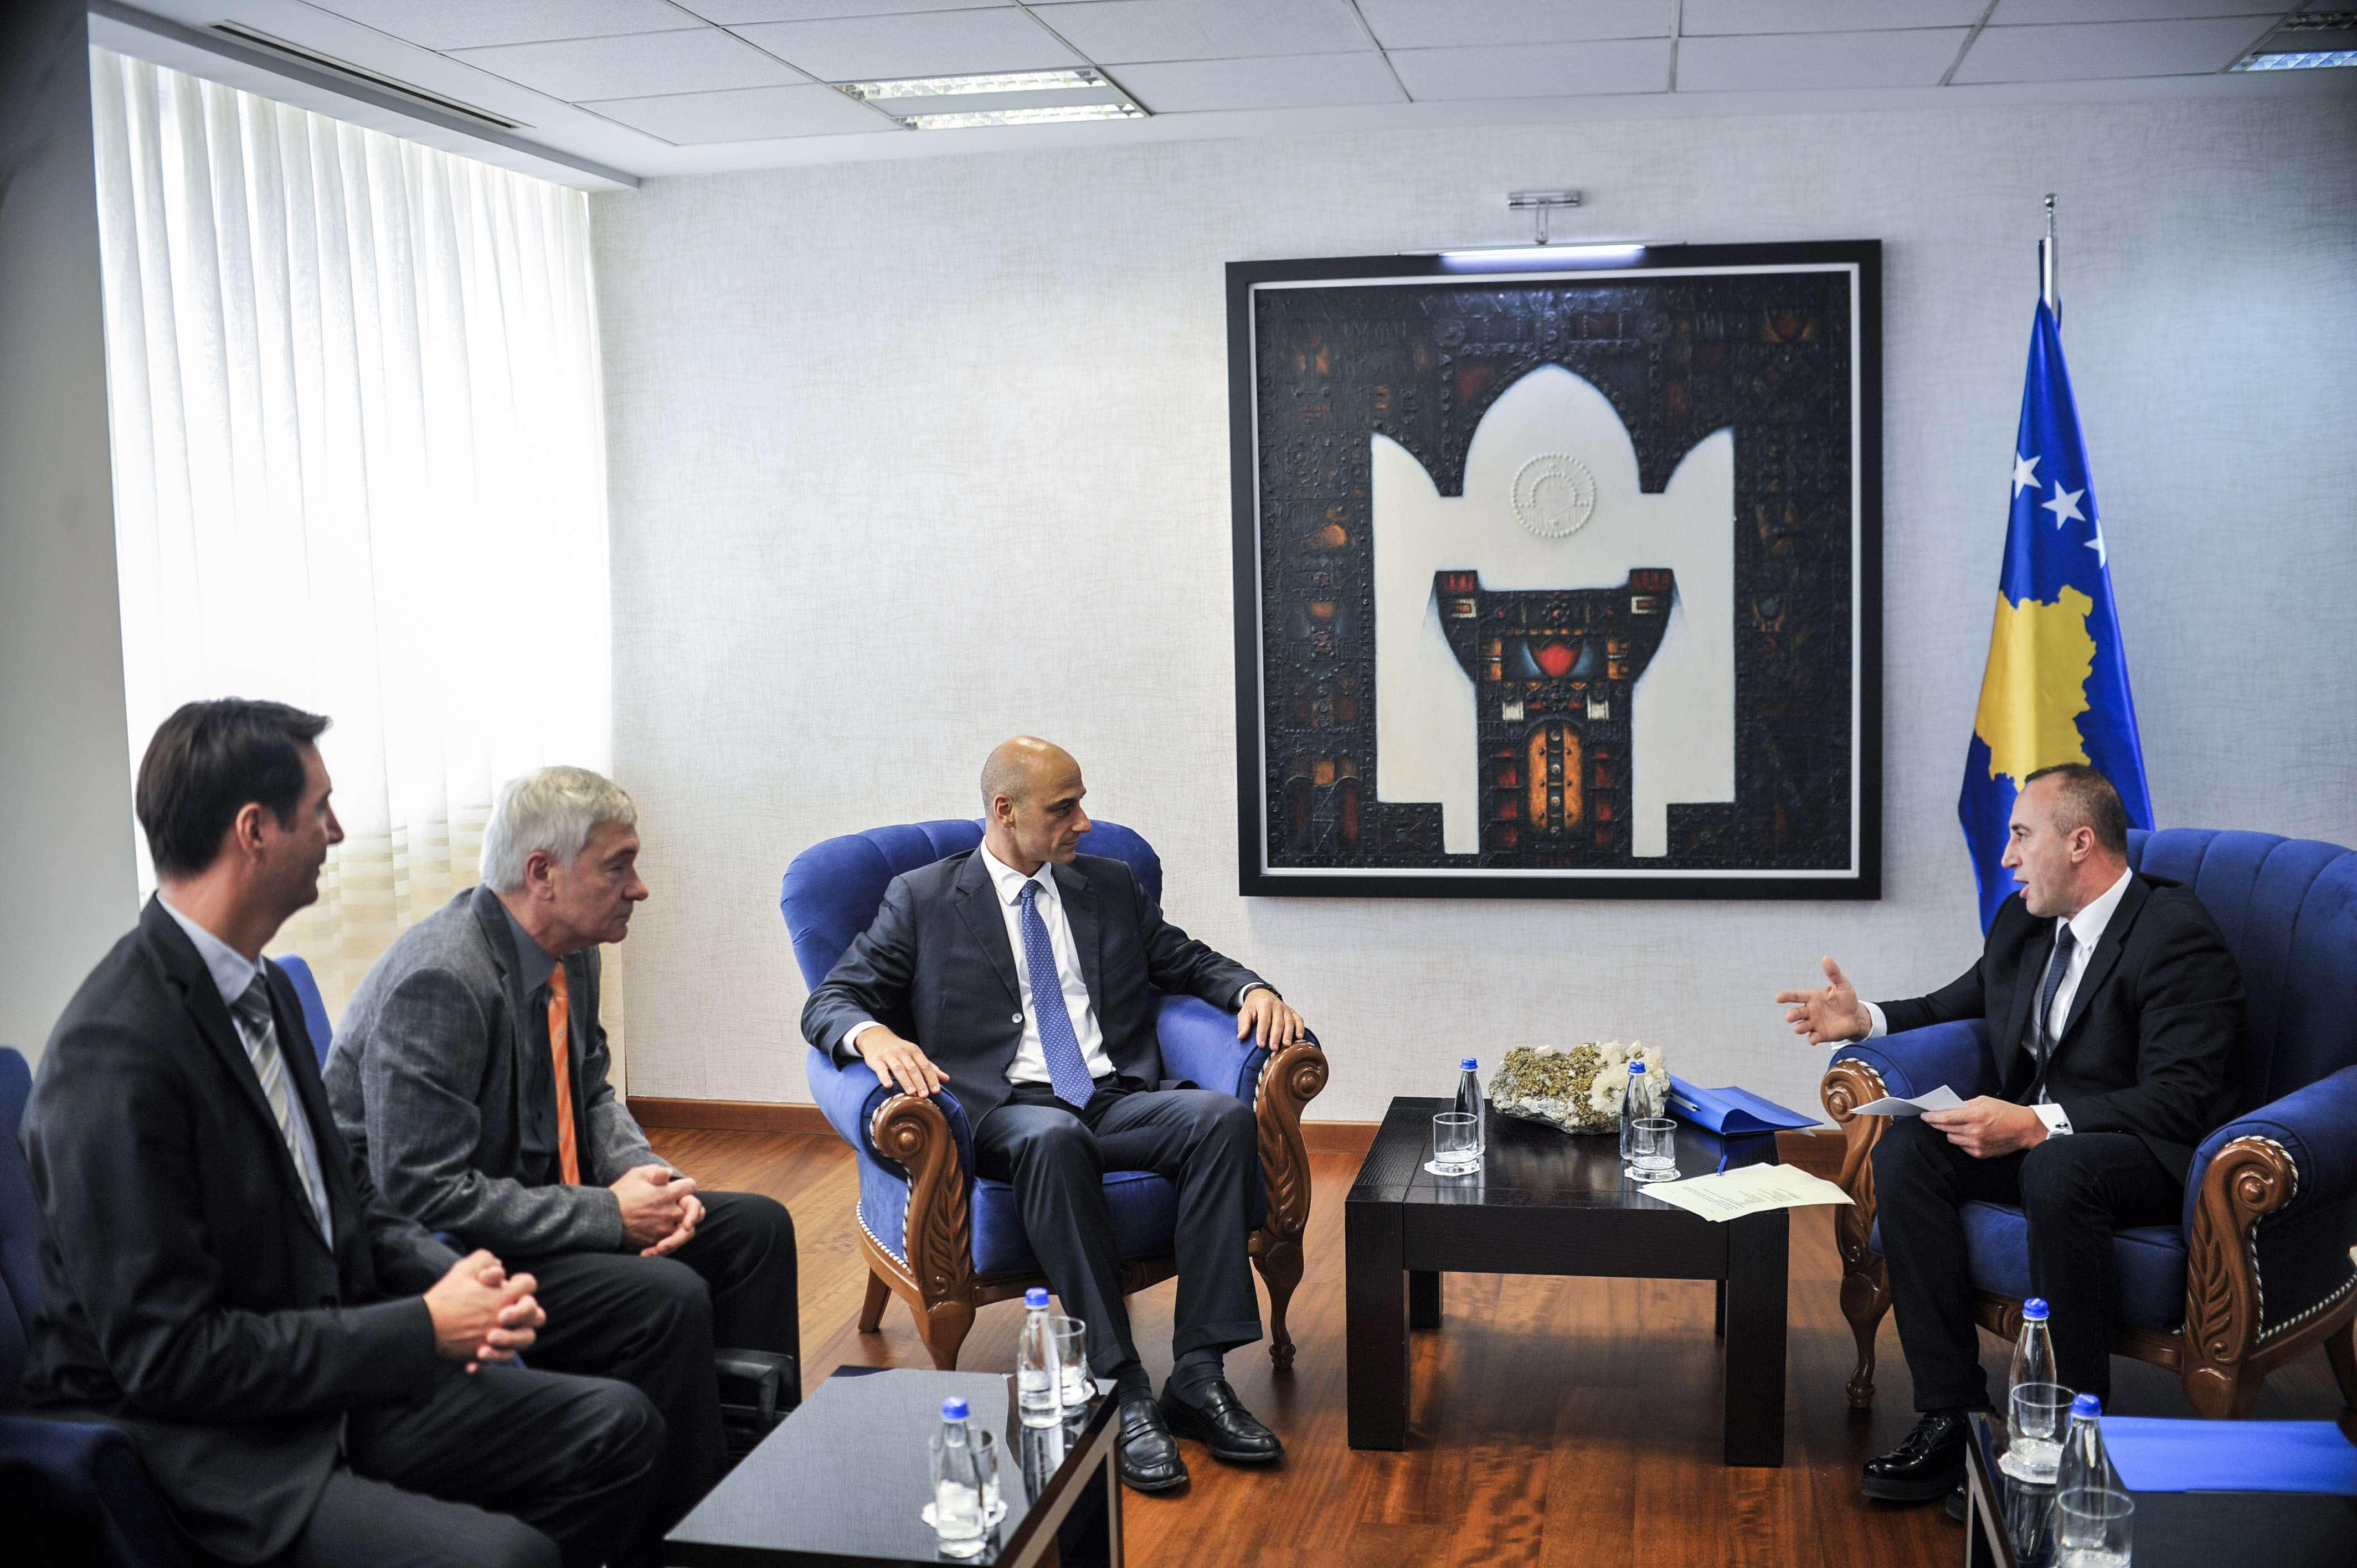 Kompania  General Electrics  interesohet për investime në Kosovë